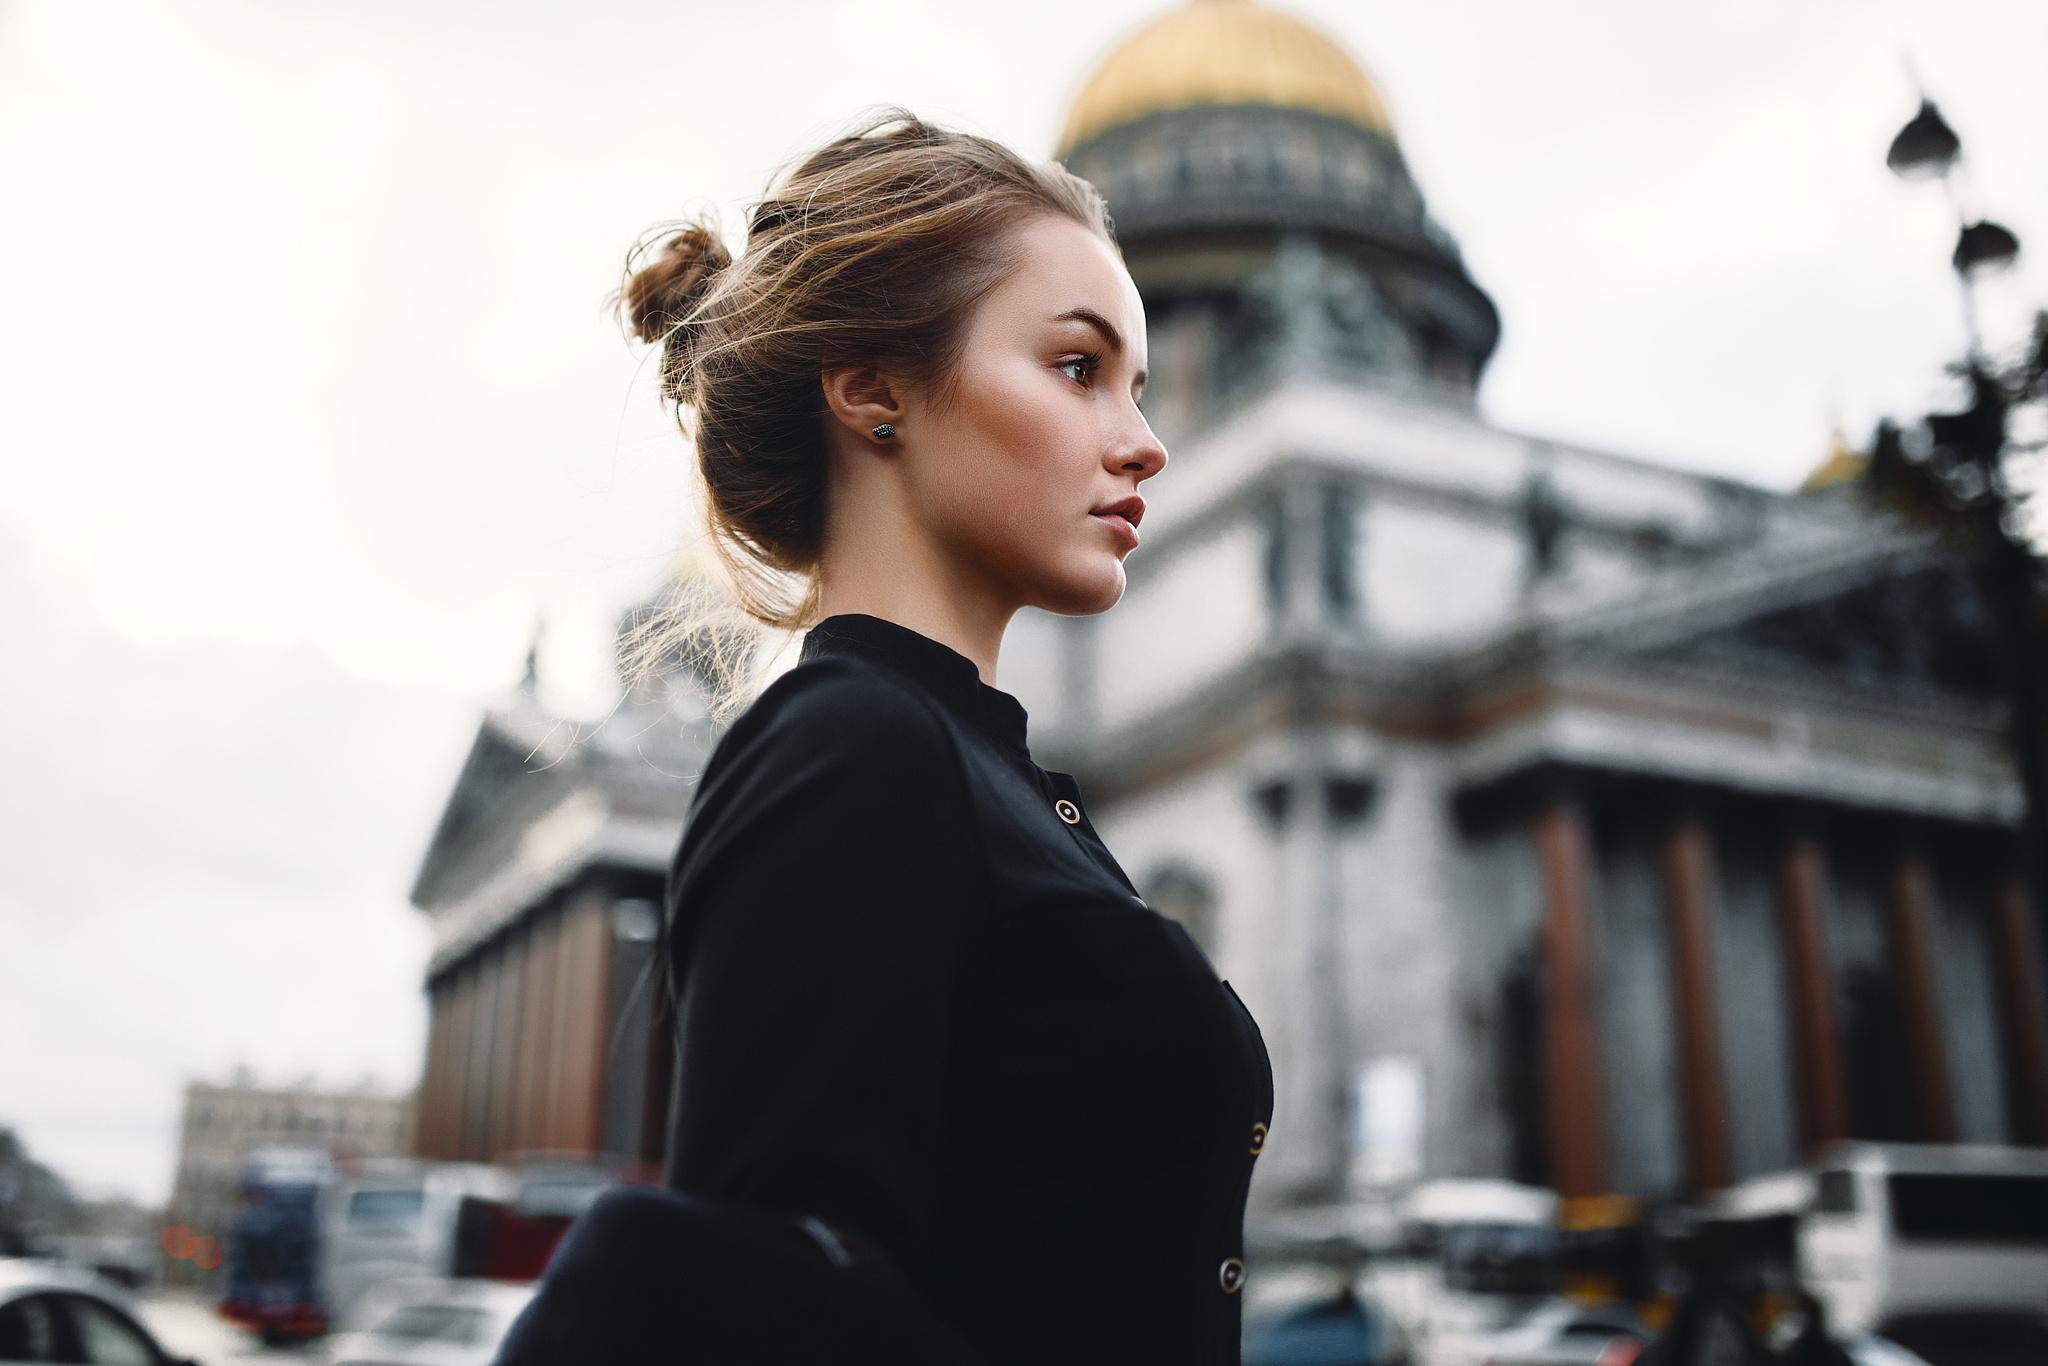 Фотосъемка портрета на фоне гор